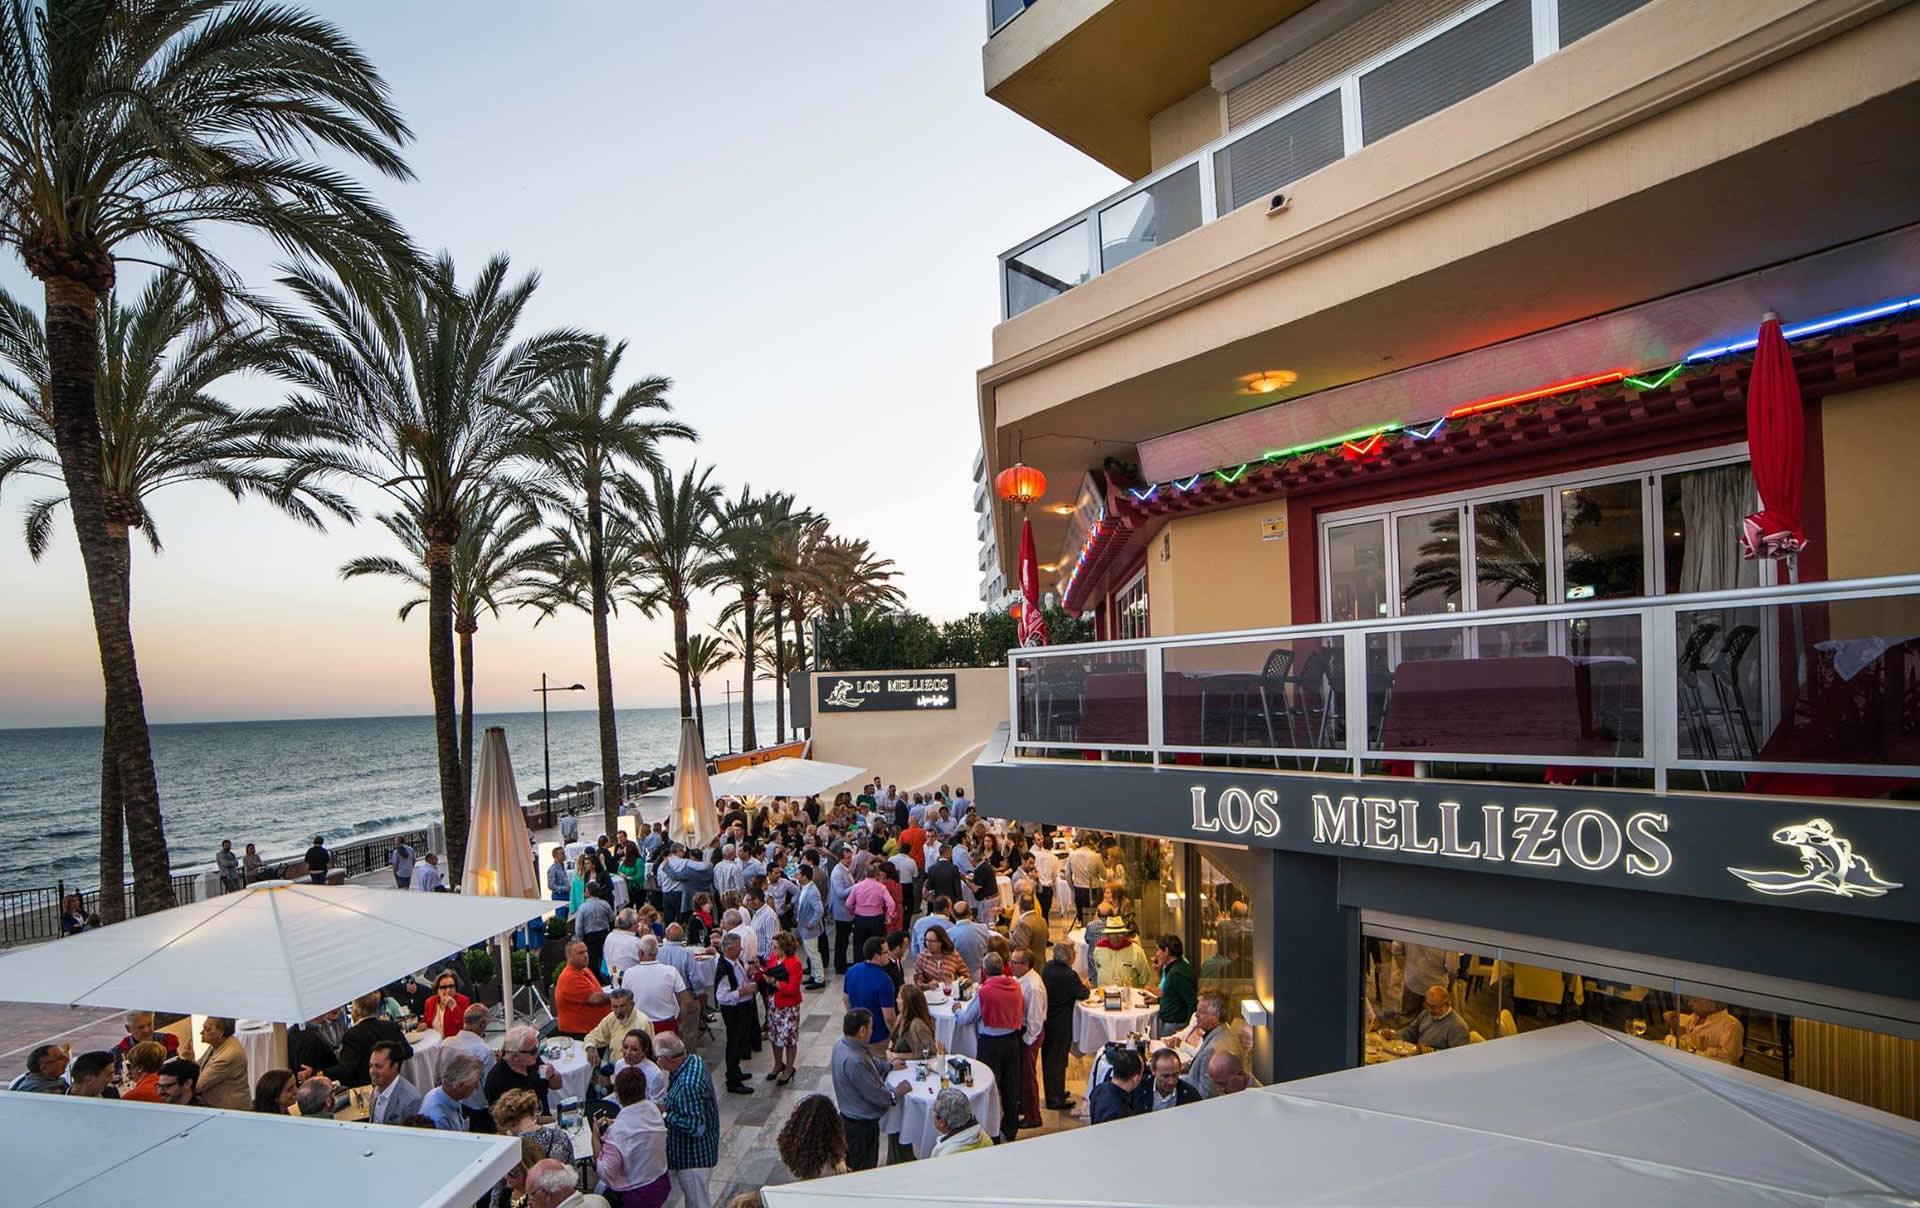 Los mellizos restaurant in marbella costa del sol news - Los mellizos malaga ...